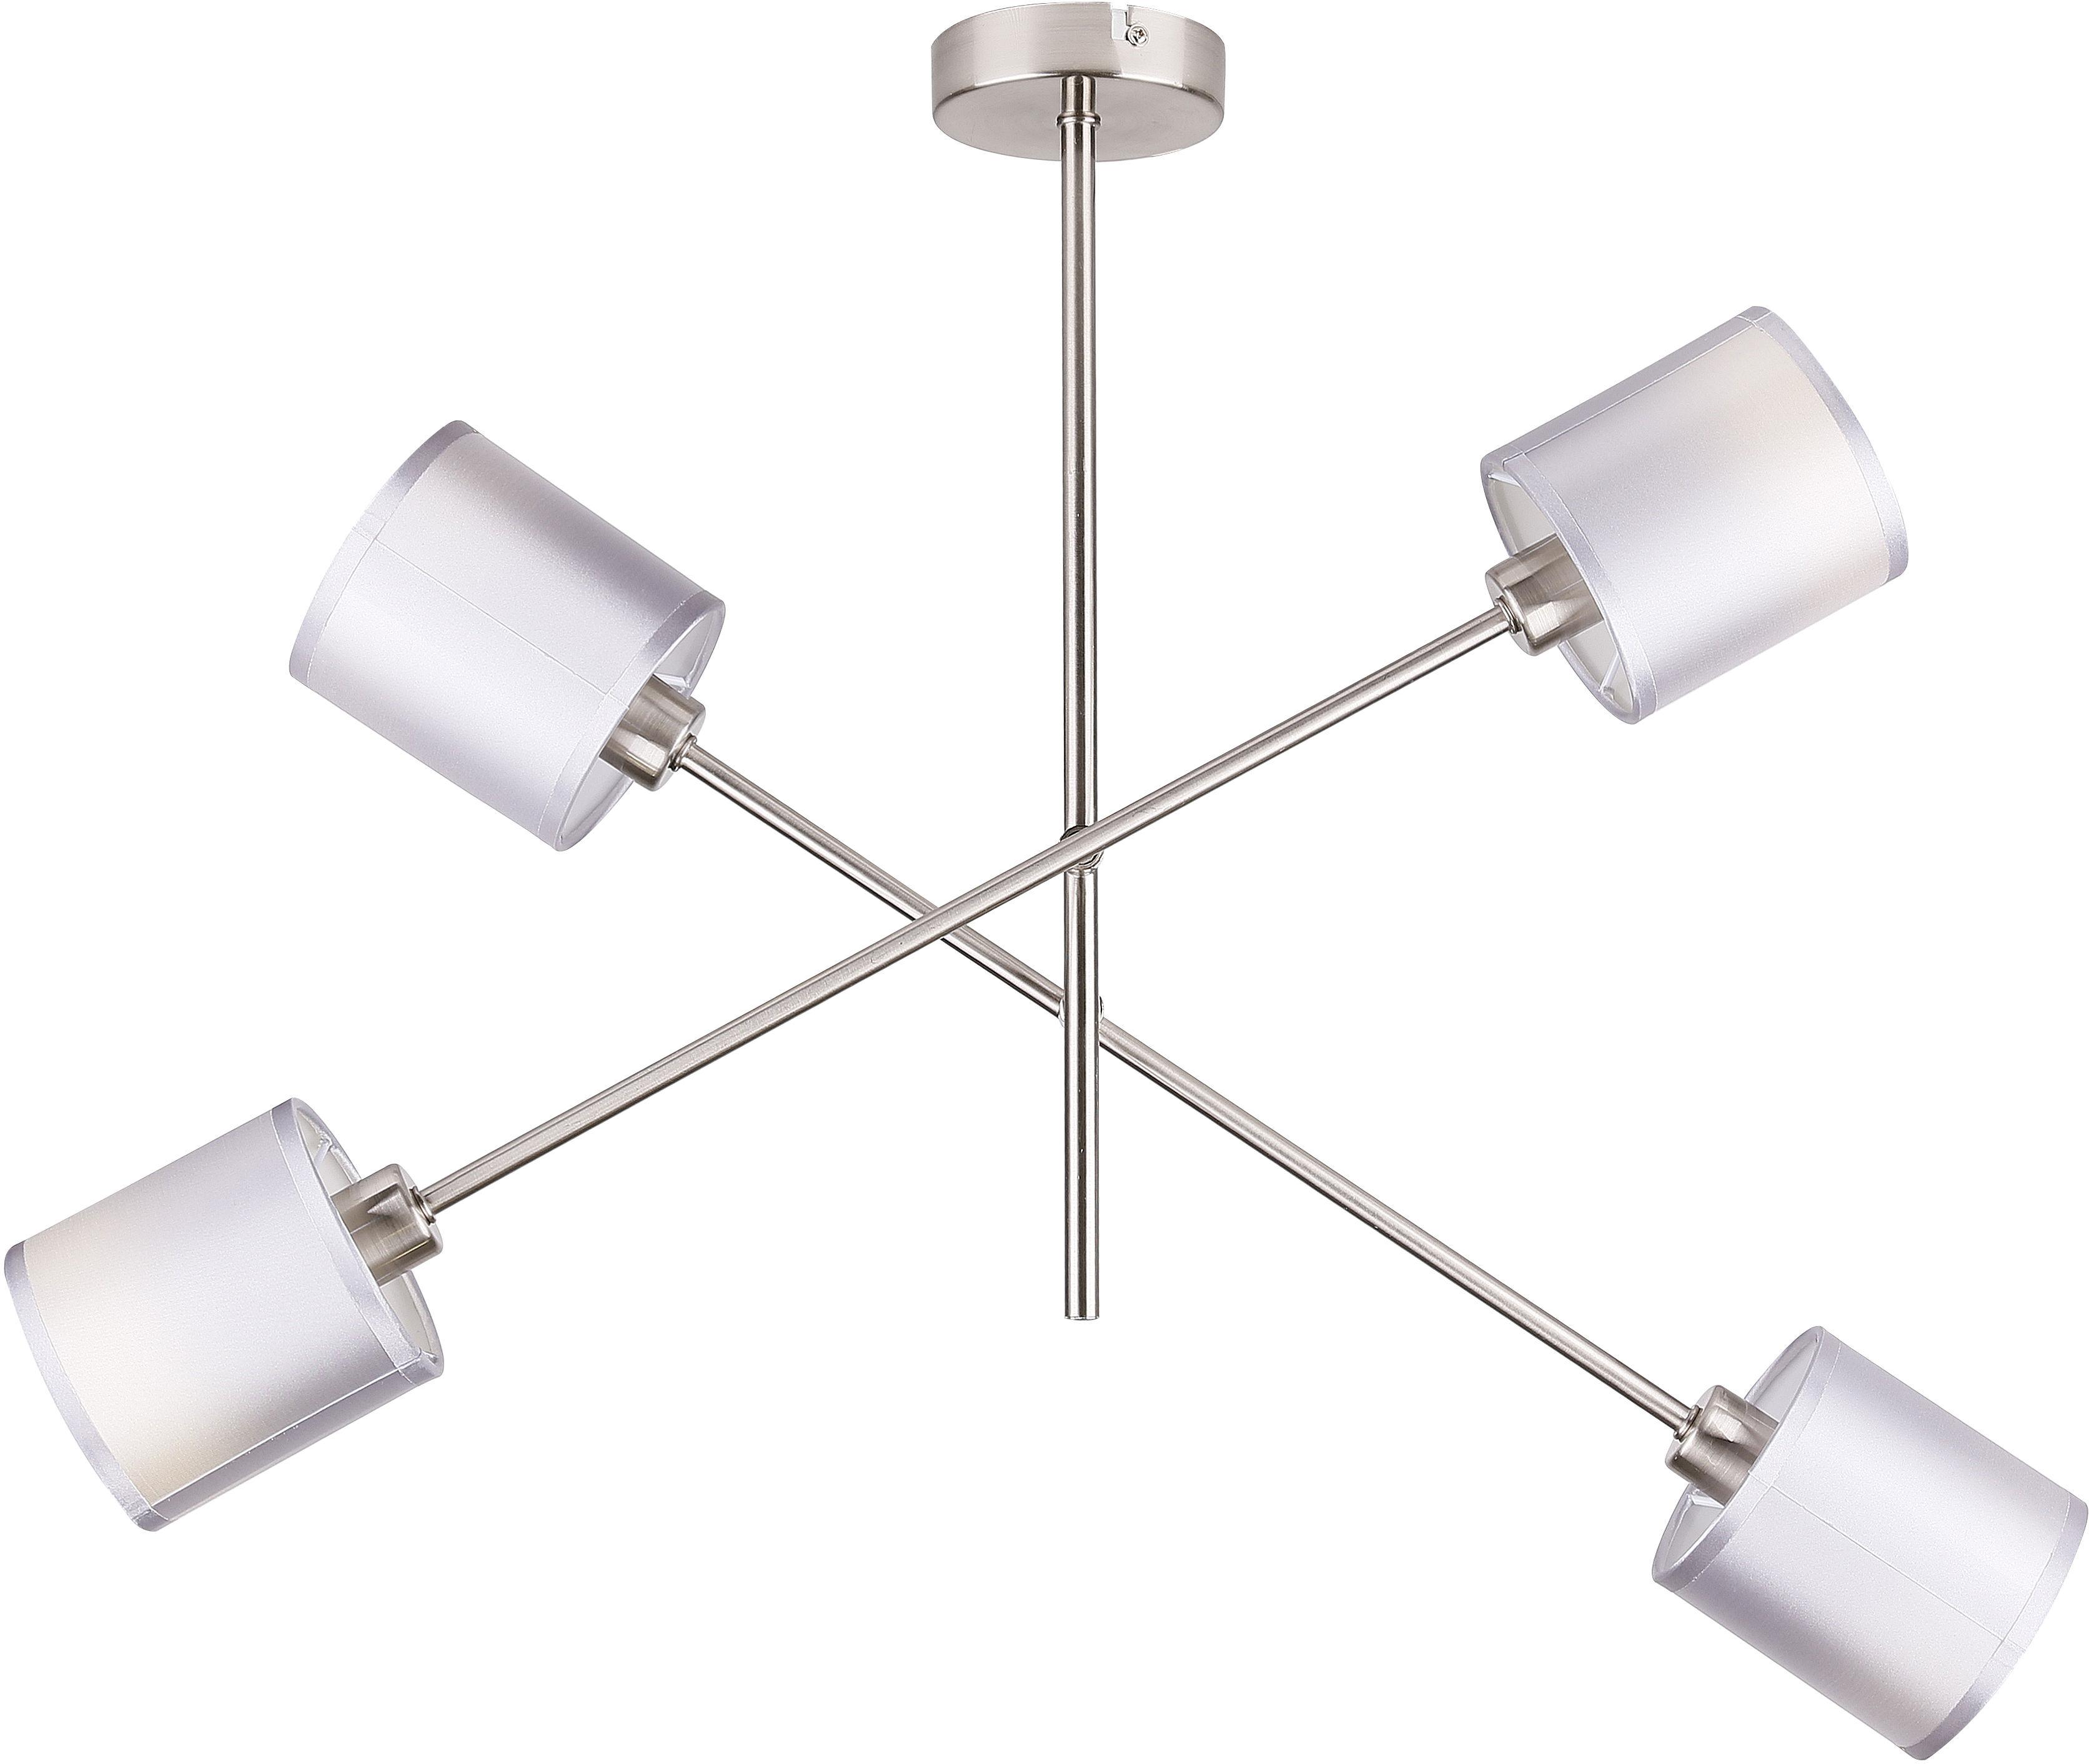 Candellux SAX 34-70692 plafon lampa sufitowa abażur satyna nikiel 4xE14 40W 58cm